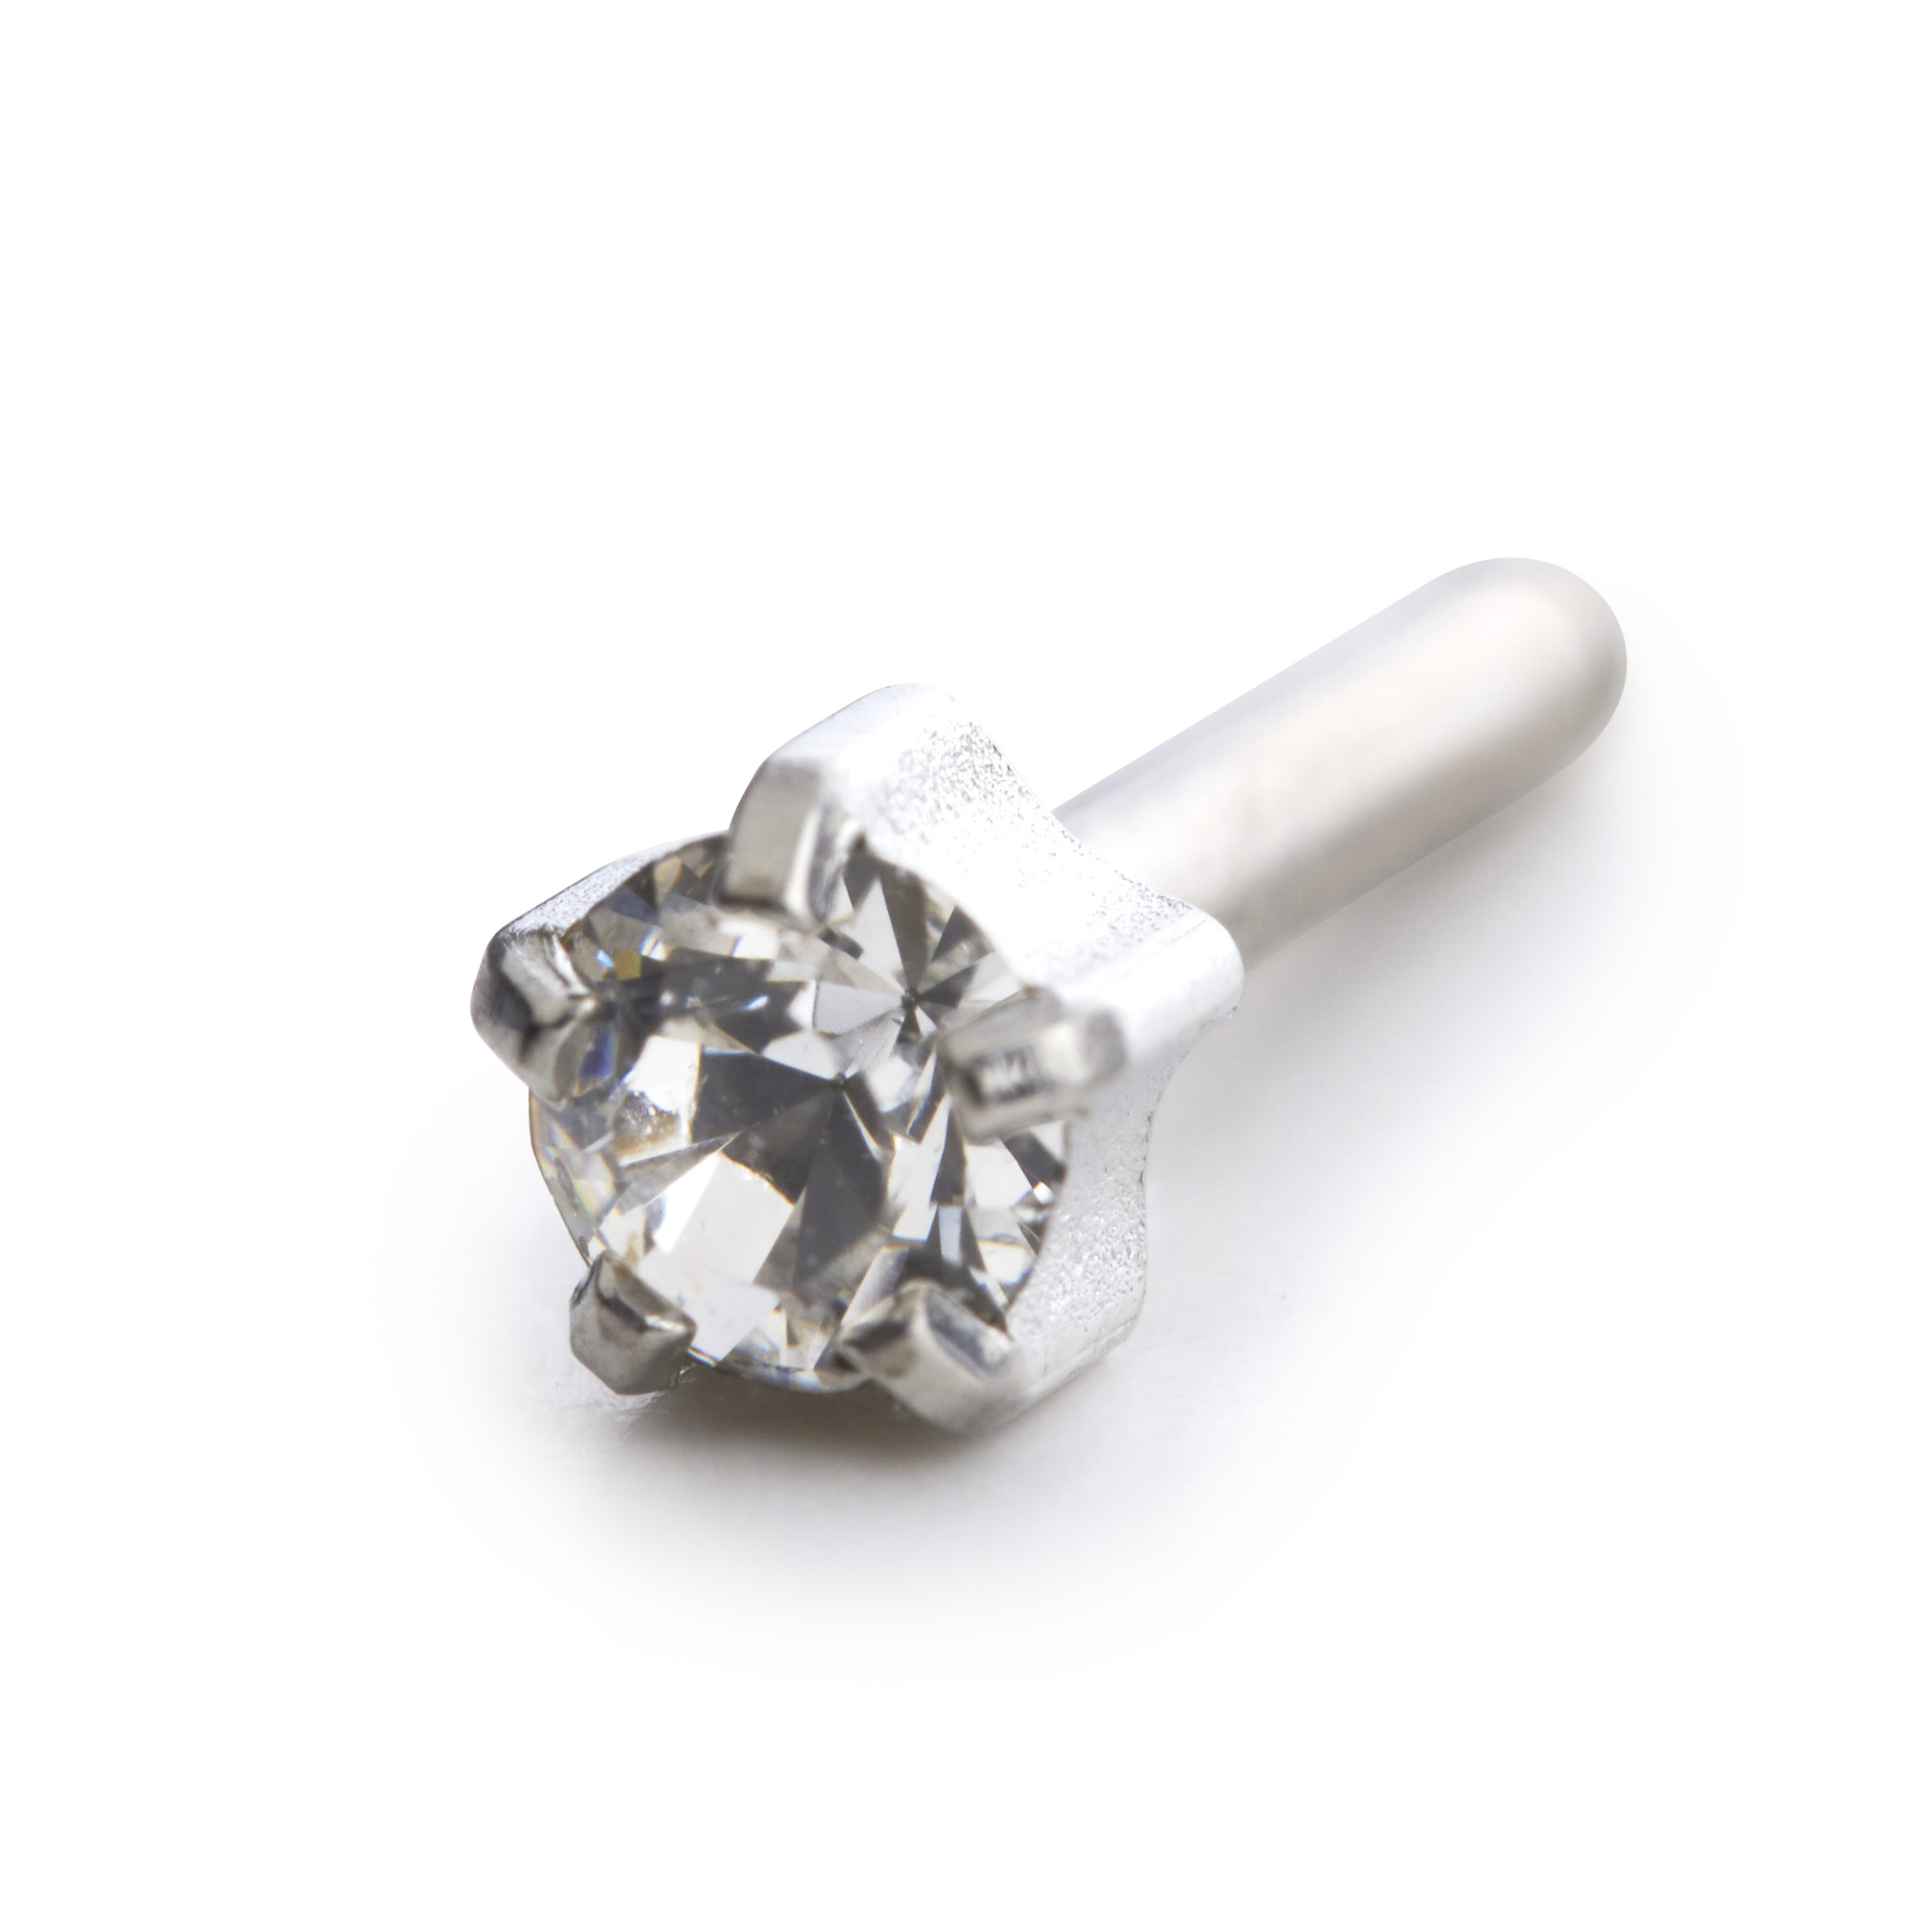 ear piercing Ear Piercing Information Tiffany Crystal 4mm three quarter